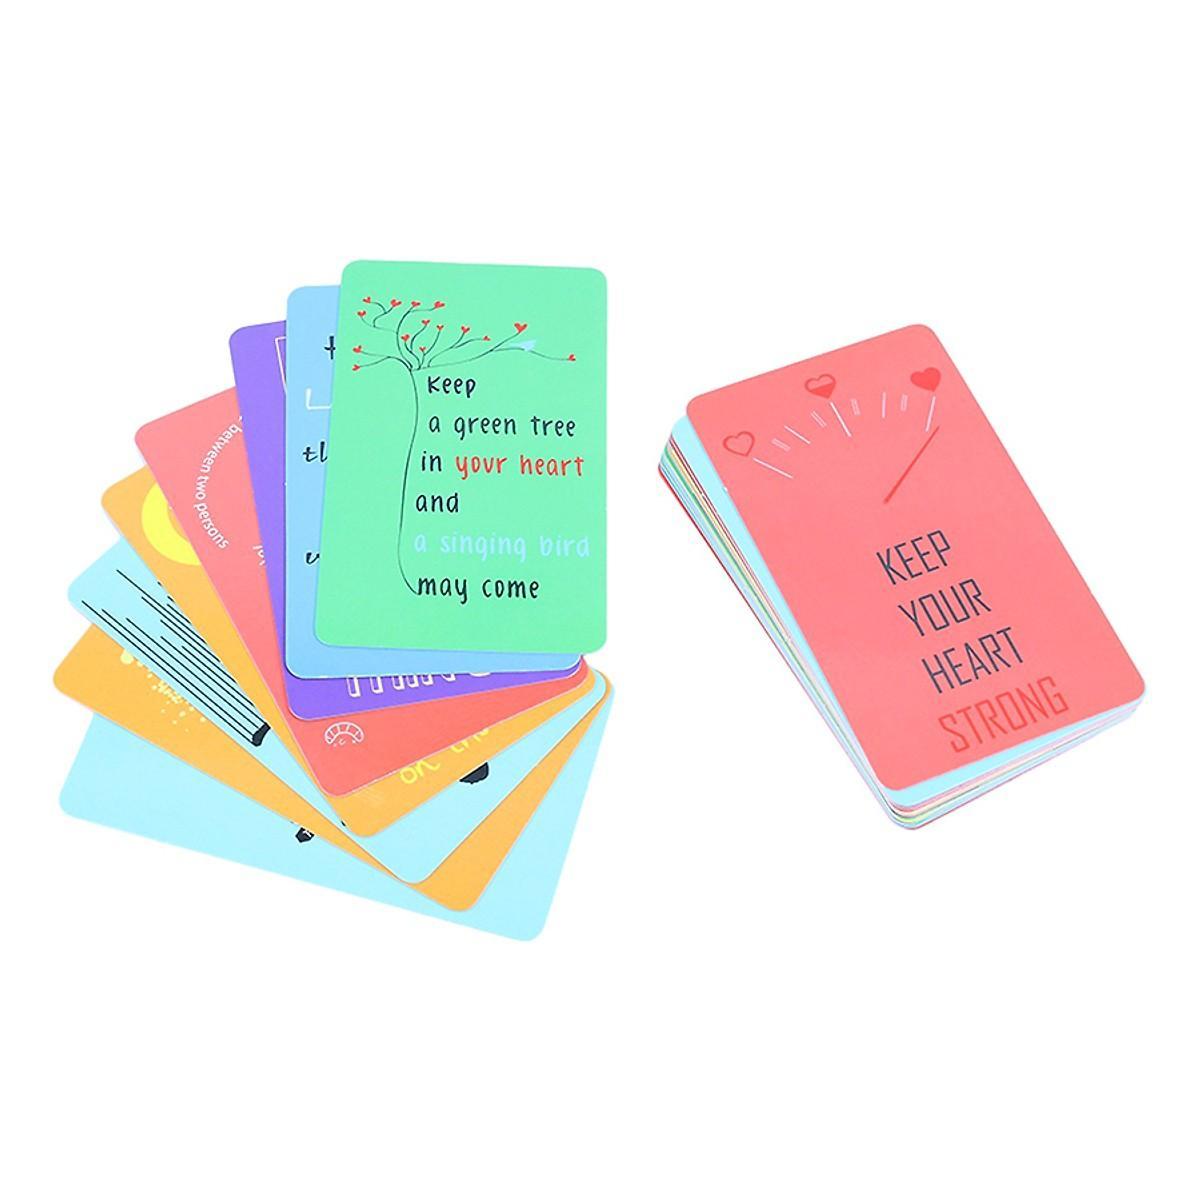 Combo Sách Kiến Thức - Bách Khoa [ NHỮNG CÂU HỎI LỚN ]: Vật Lý + Toán Học - (Sách Khoa Học Tự Nhiên Và Xã Hội / Tặng Kèm Postcard Greenlife)